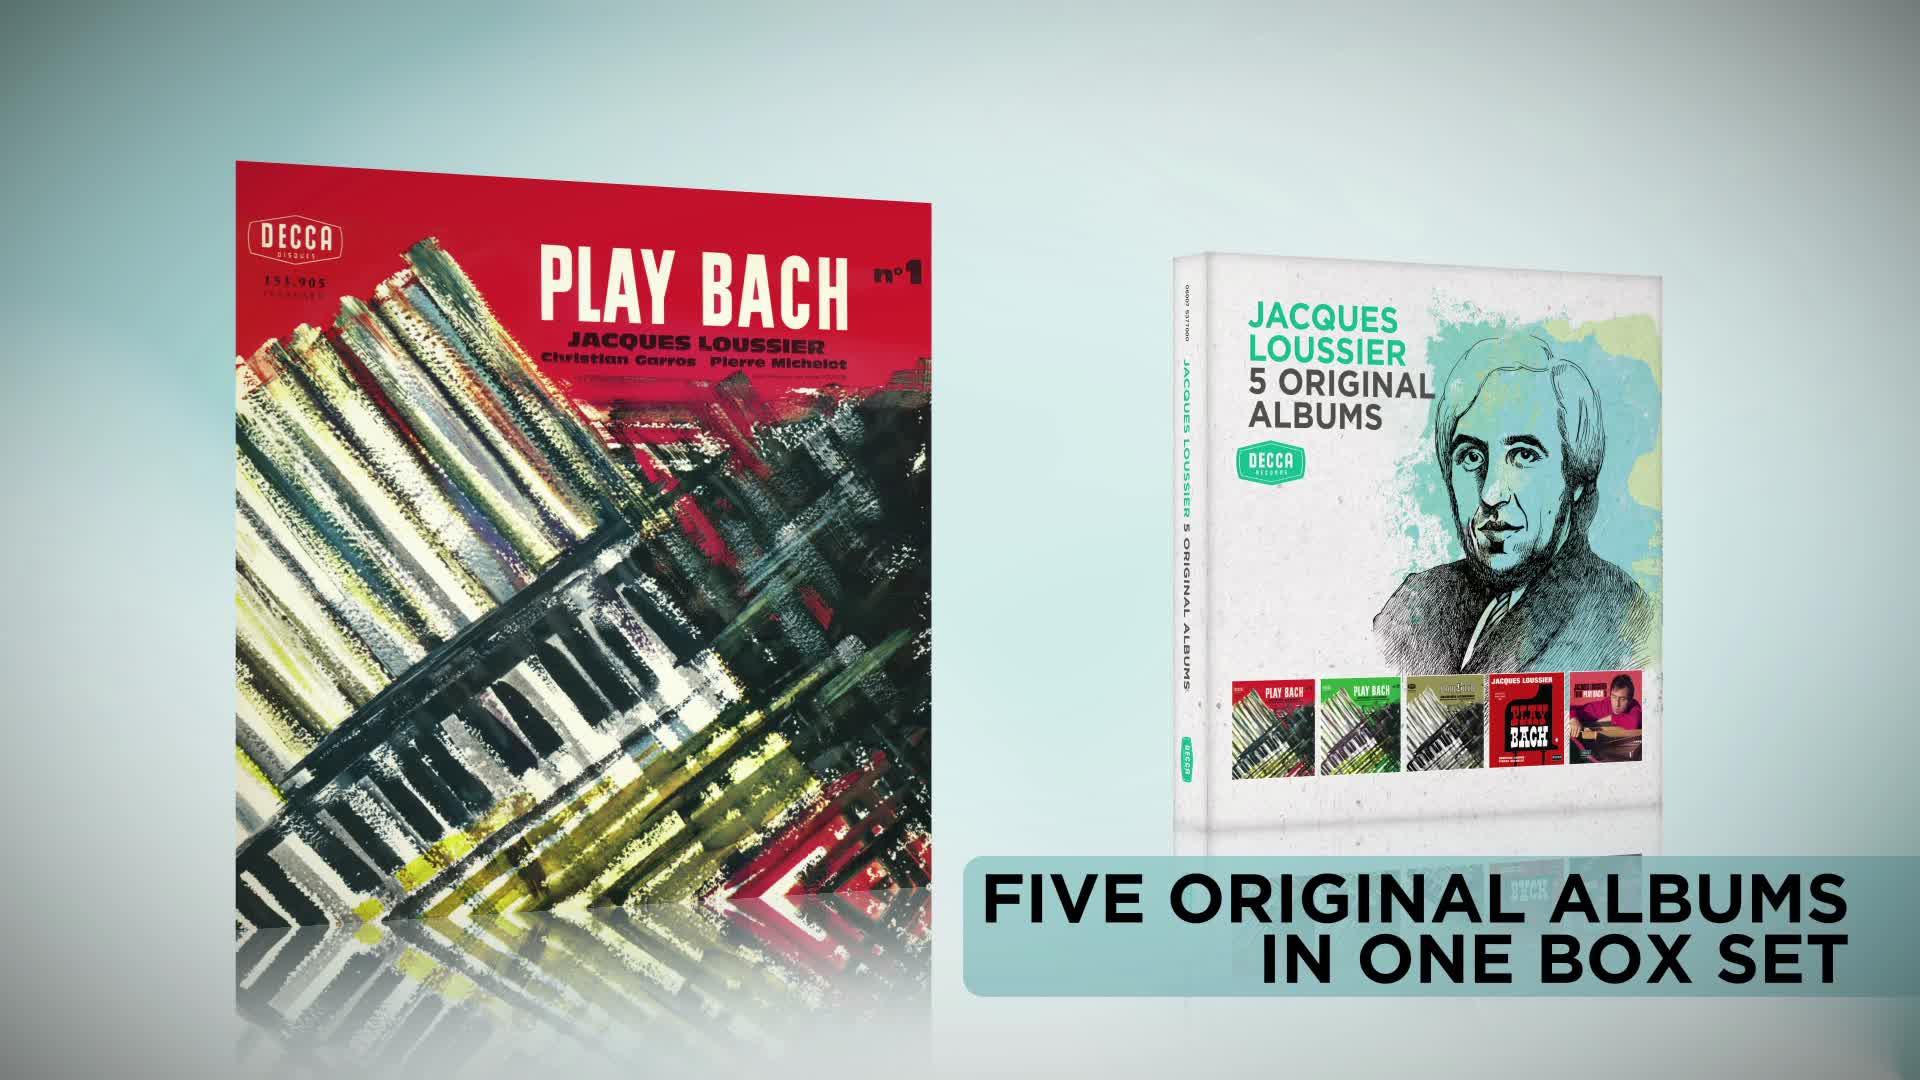 5 Original Albums, Jacques Loussier - 5 Original Albums